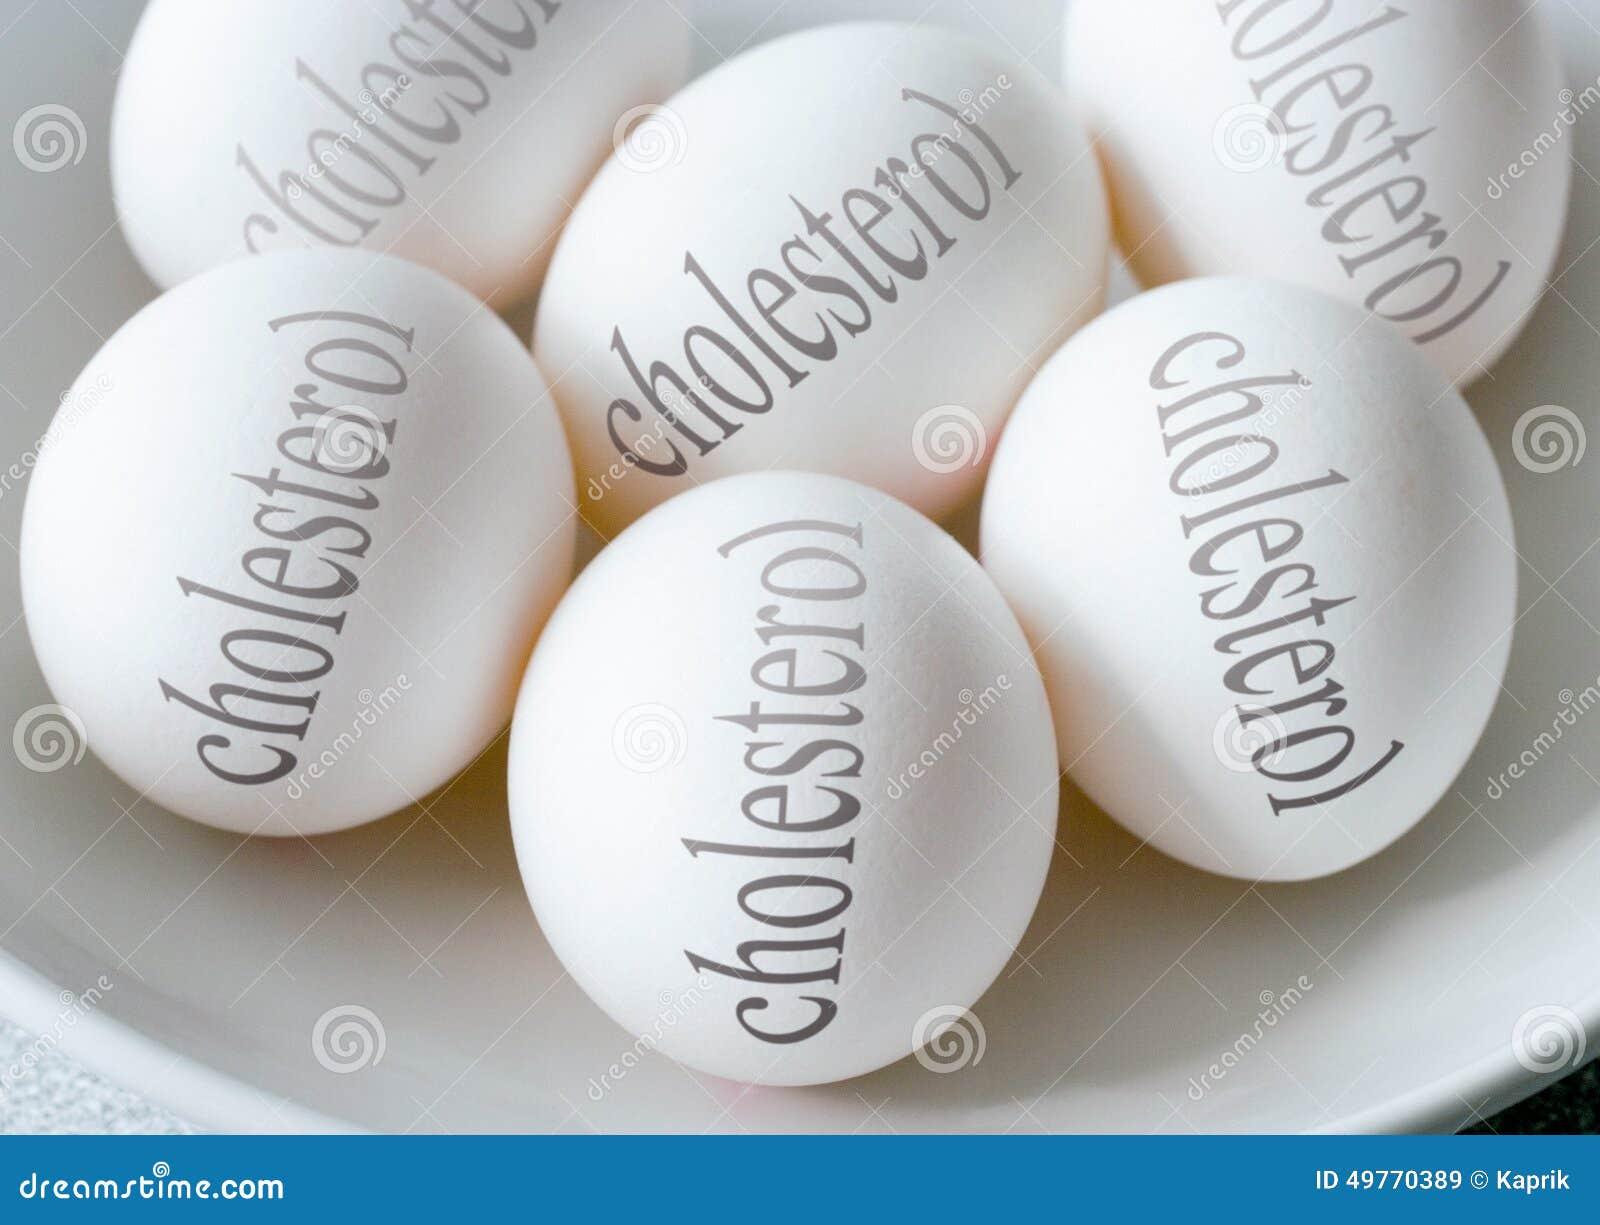 Weiße Eier mit Cholesterin simsen - Gesundheit und gesunden Lebensstil